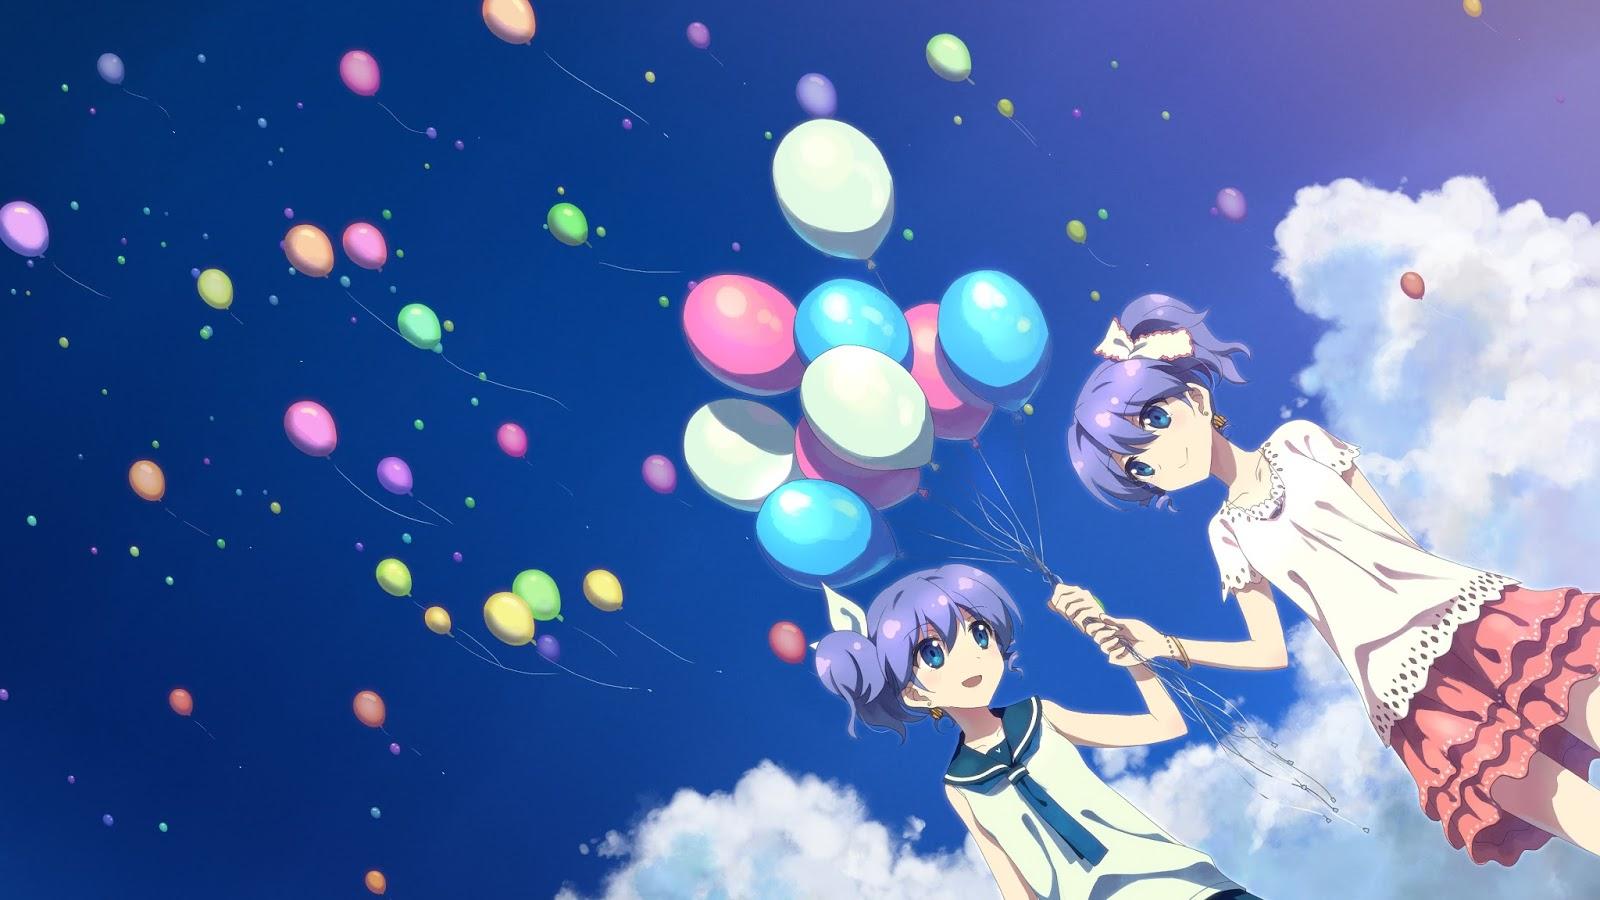 Romantic Anime Wallpaper 4k